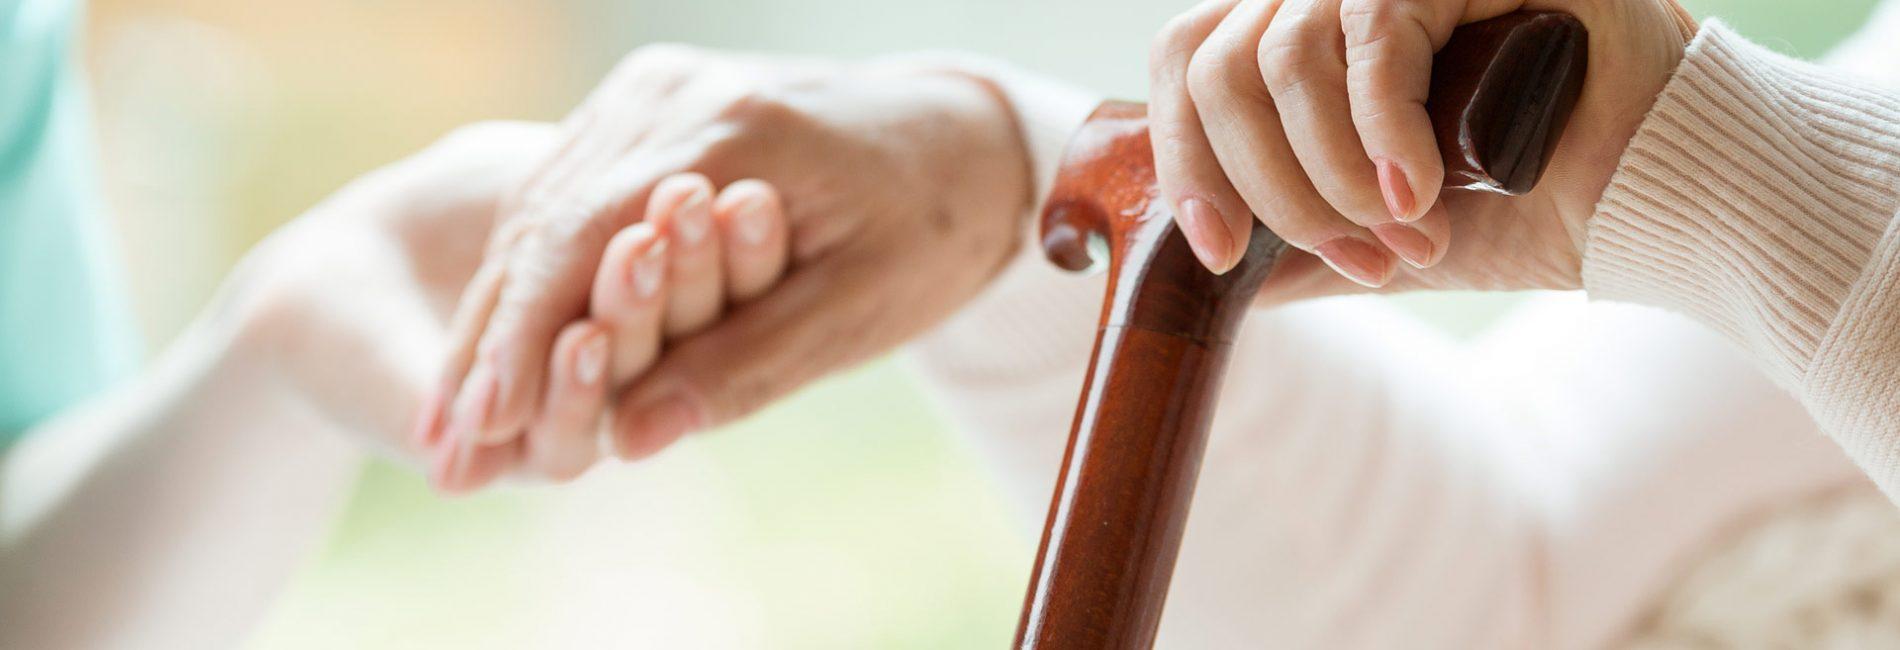 Pflegerin hilft einer Dame mit Gehstock aufzustehen